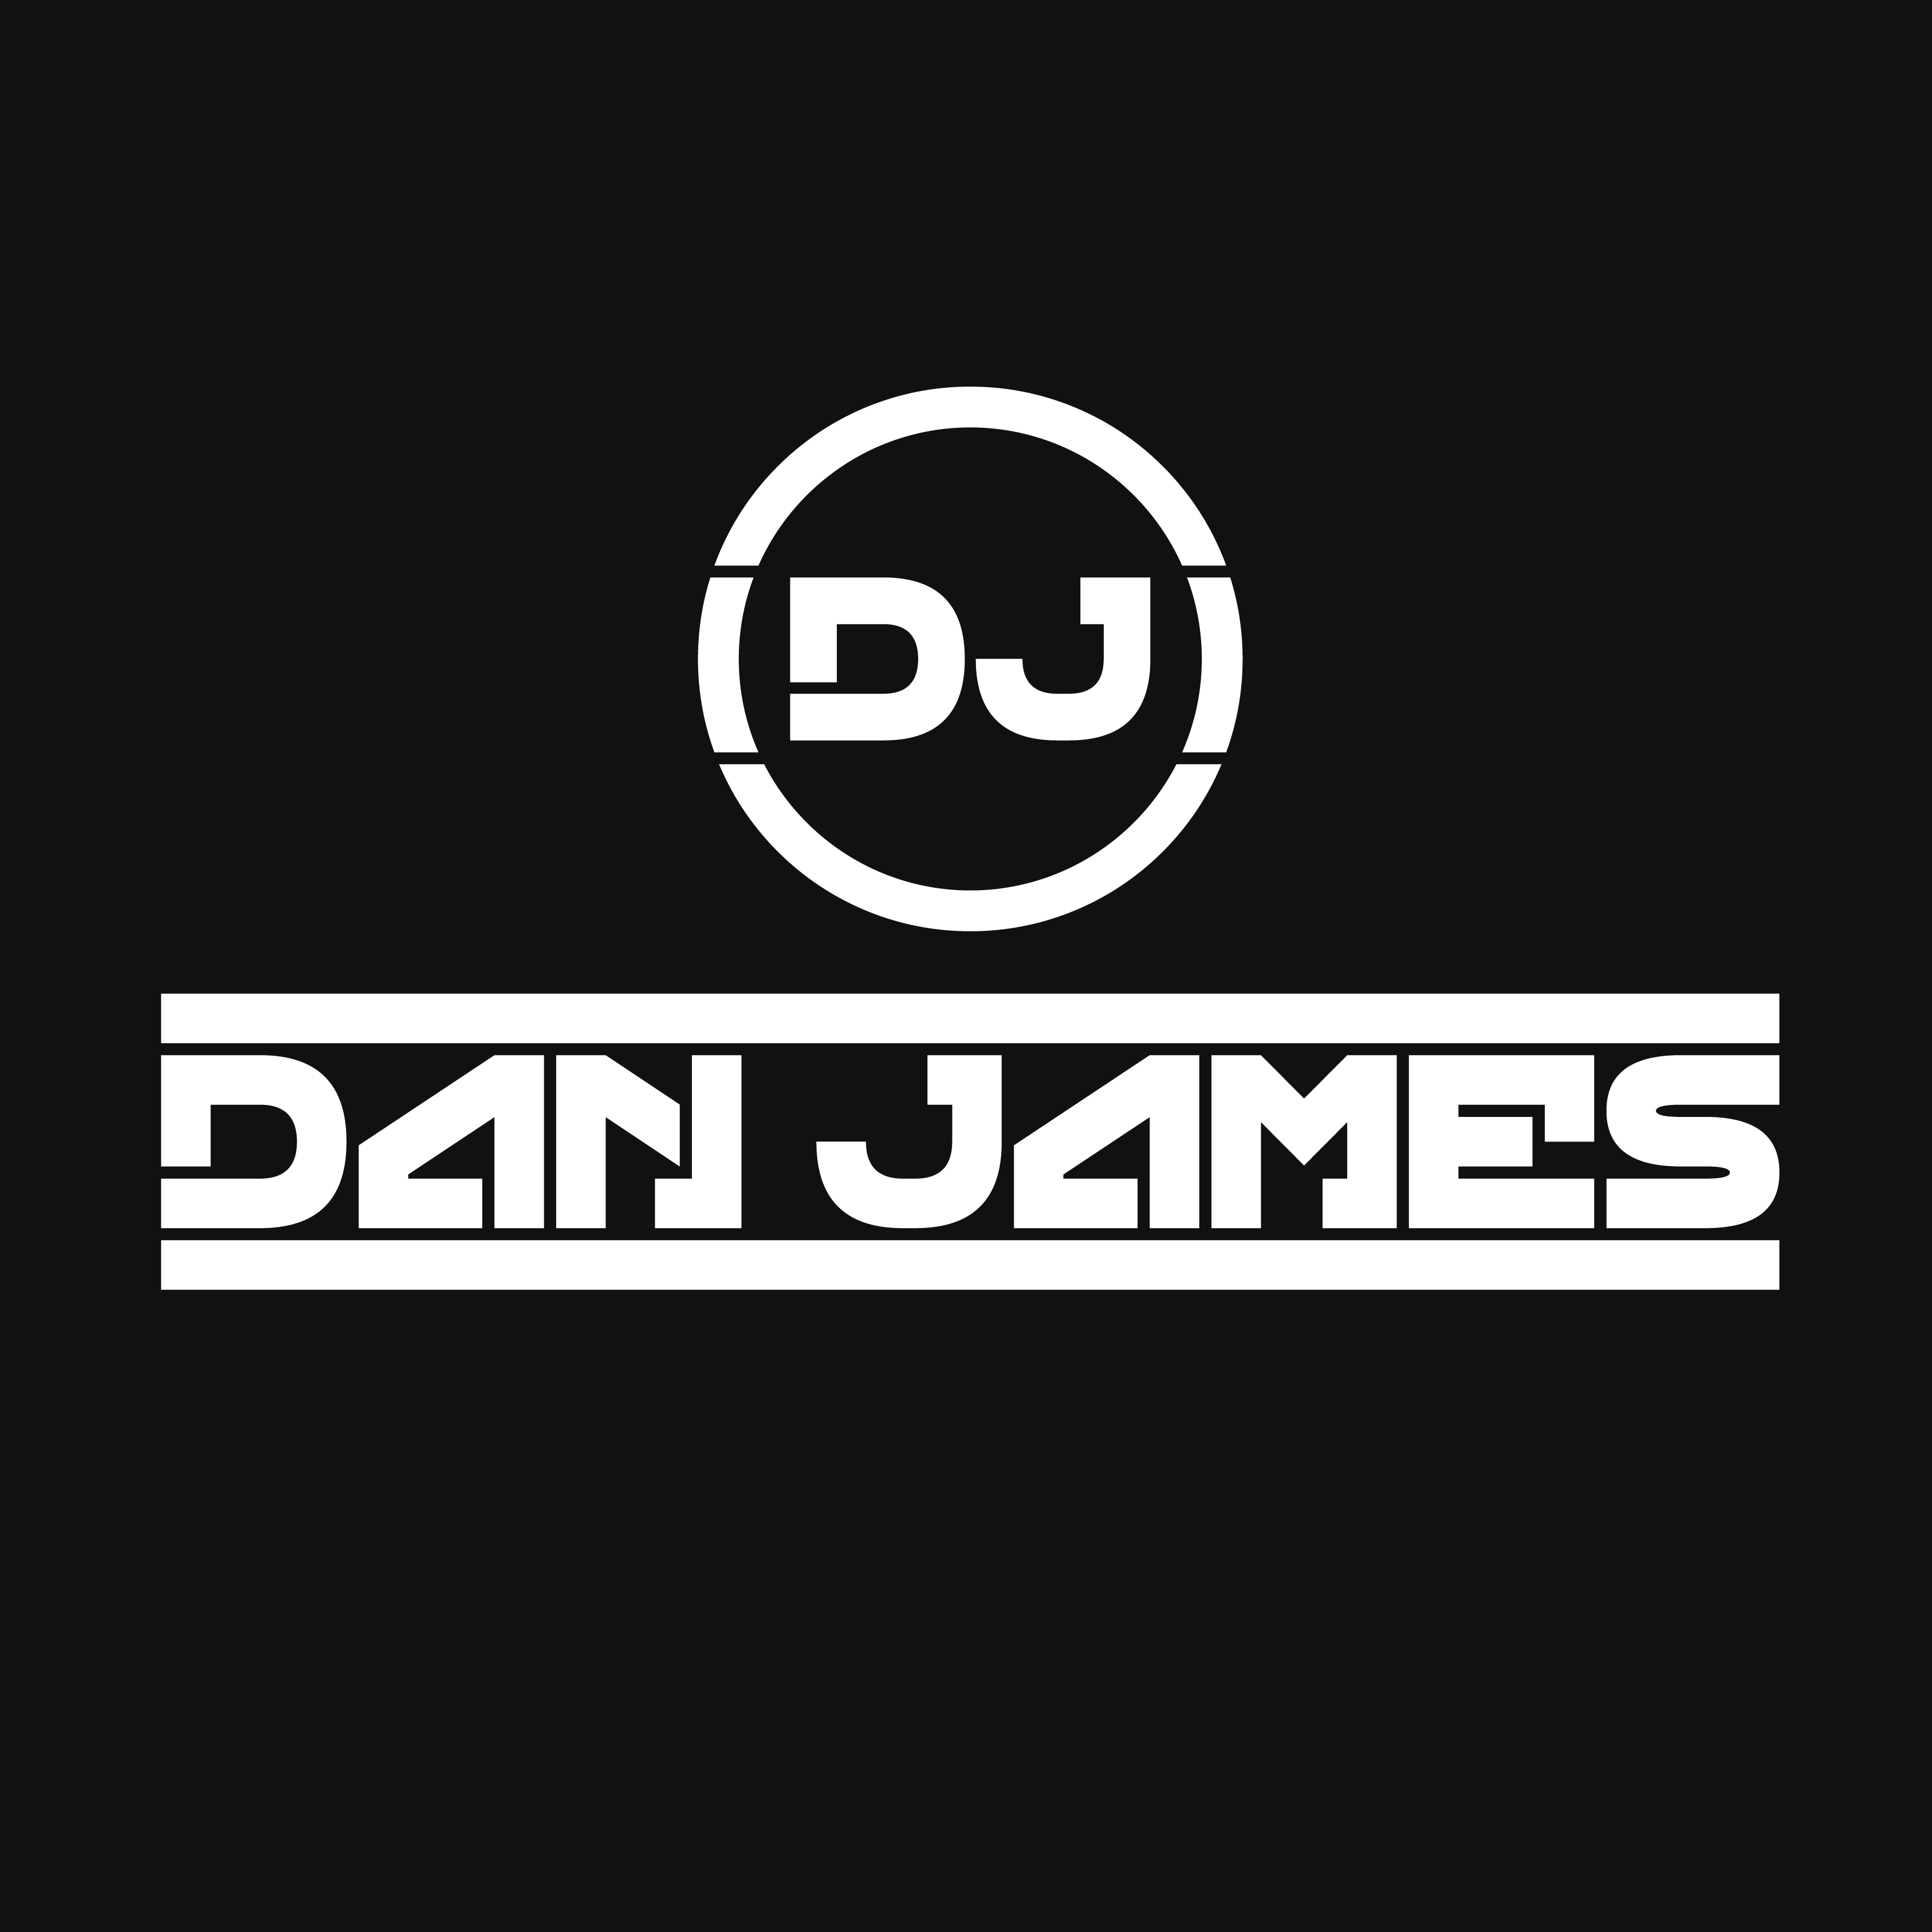 DJ Dan James